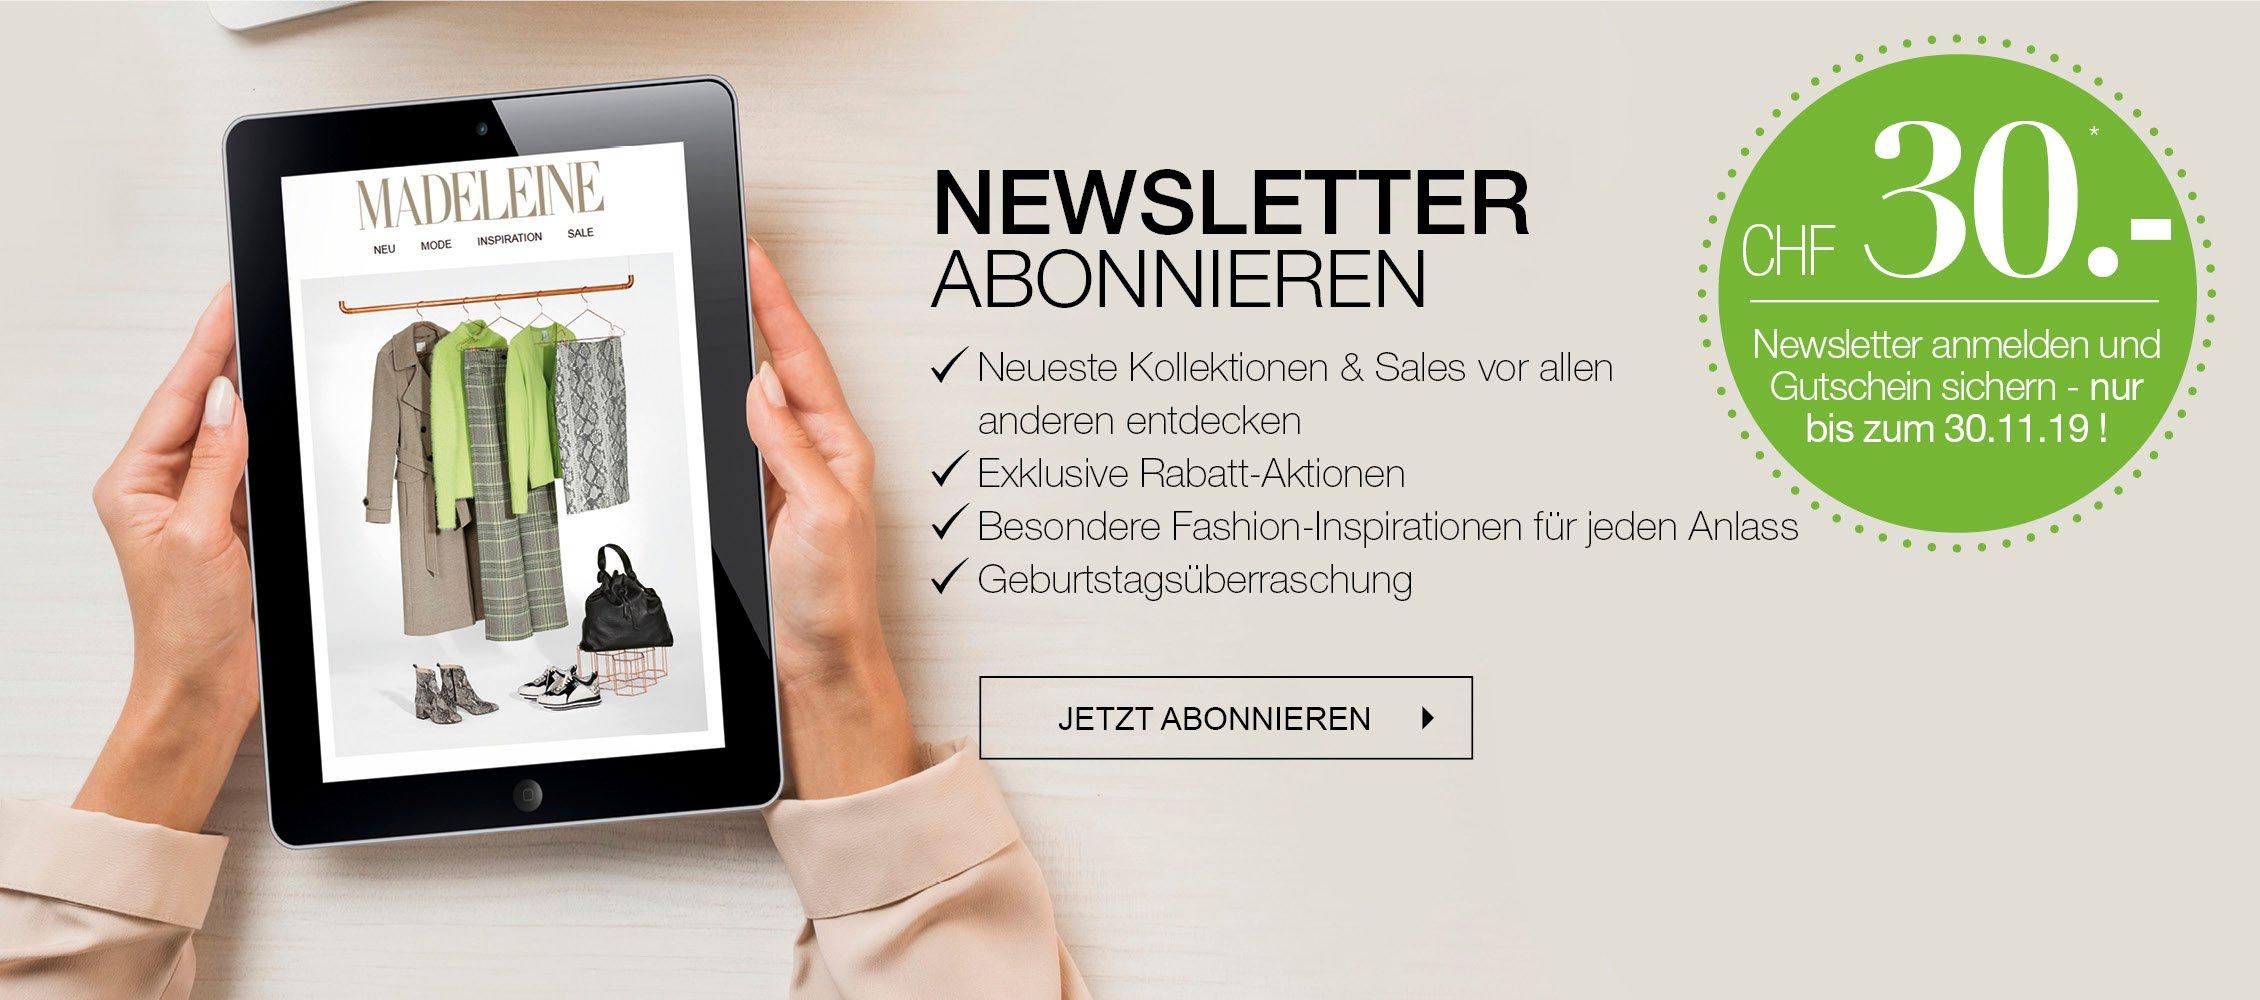 CHF 30 Gutschein für Anmeldung zum Newsletter